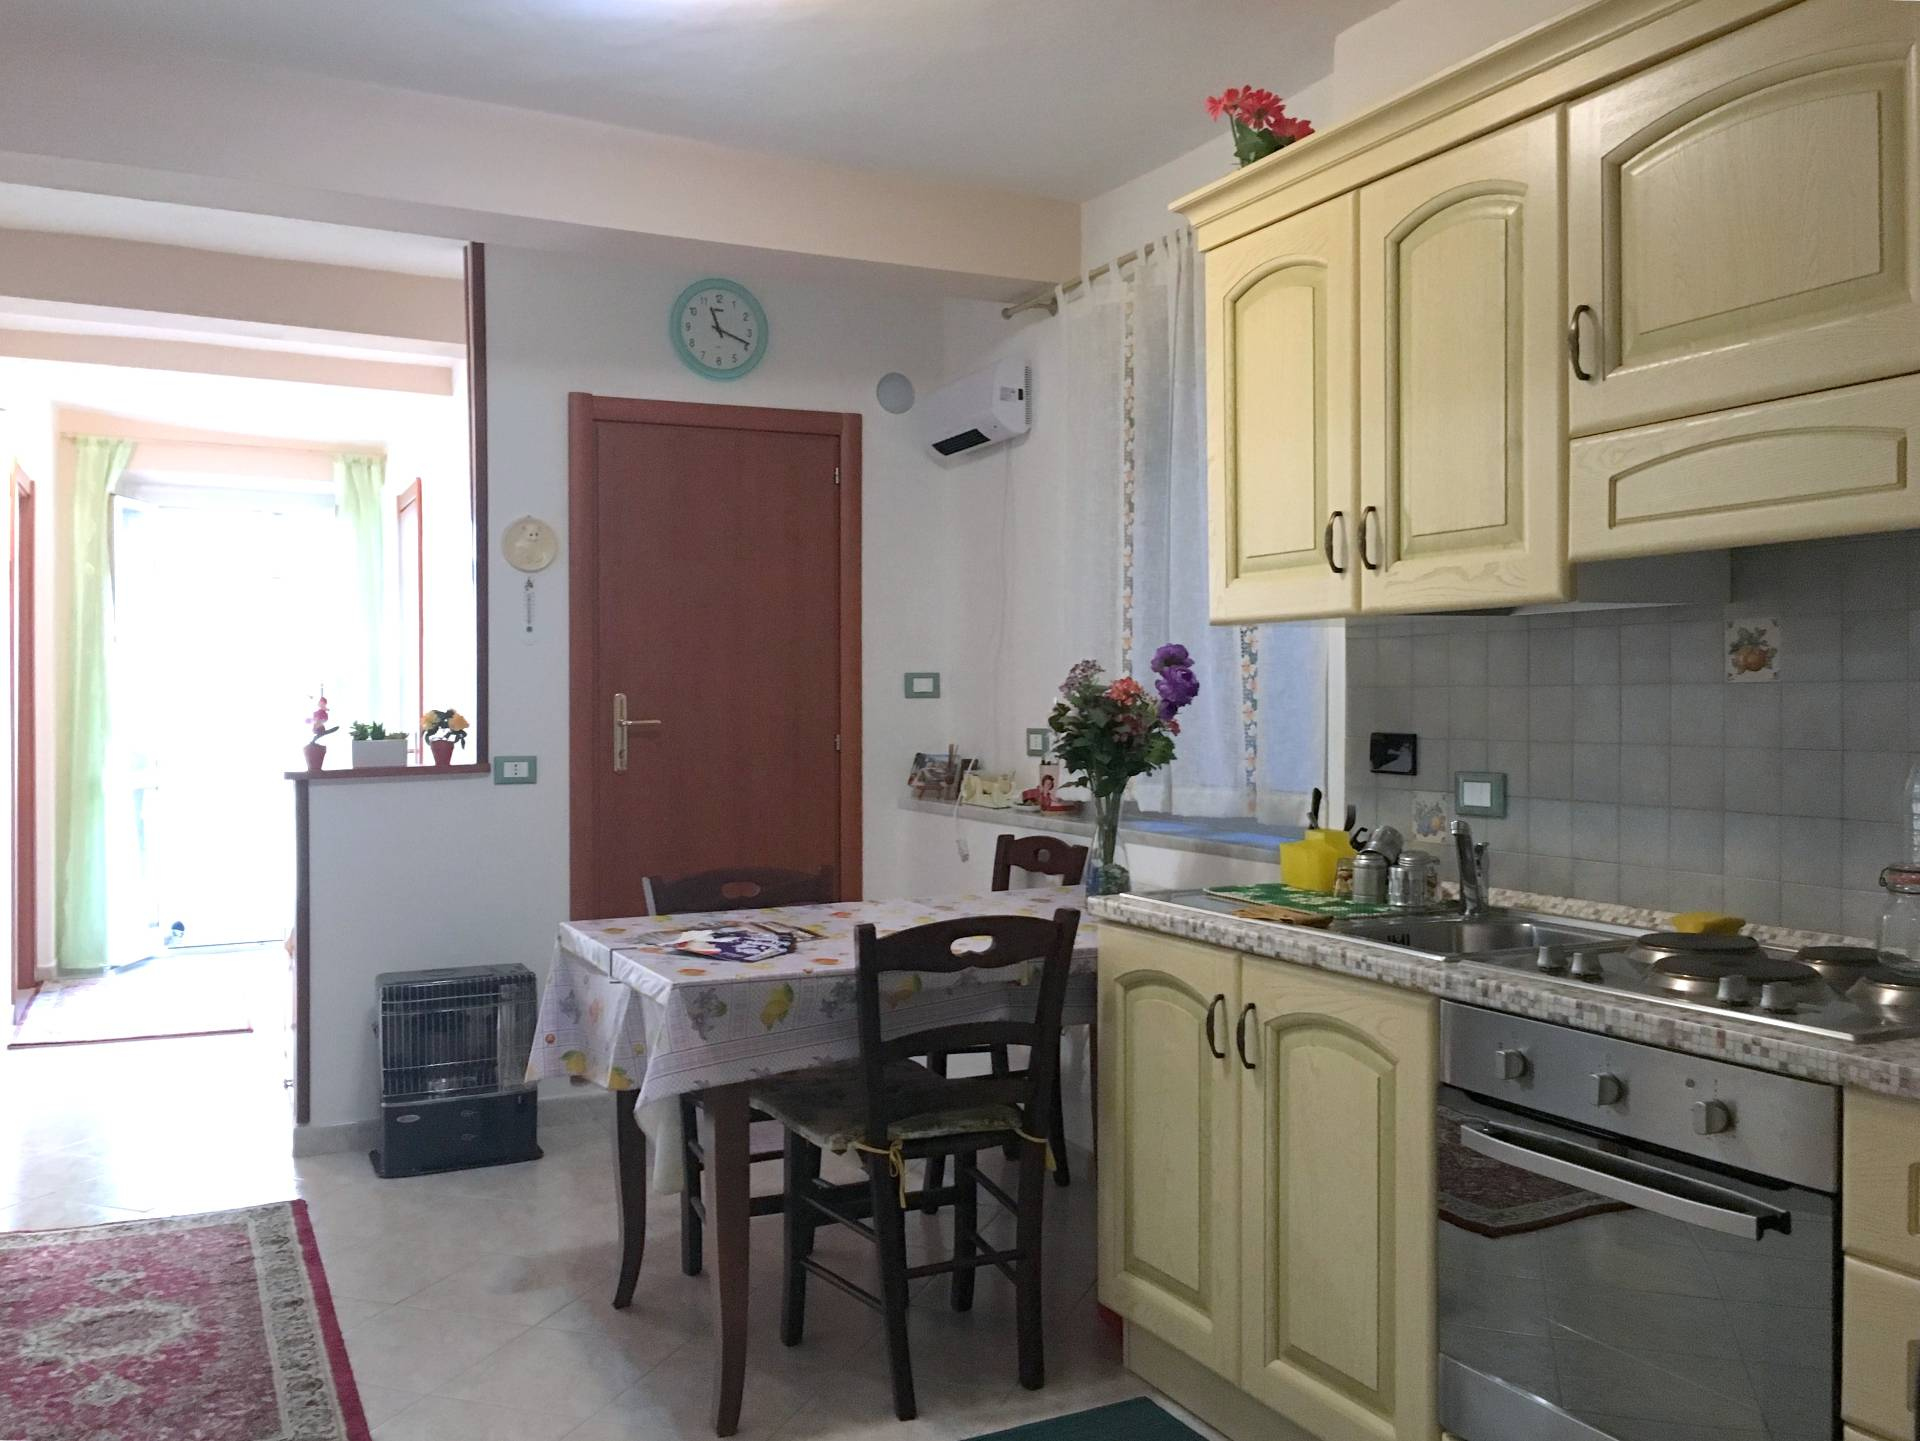 Foto 1 di Appartamento Via Untoria, Savona